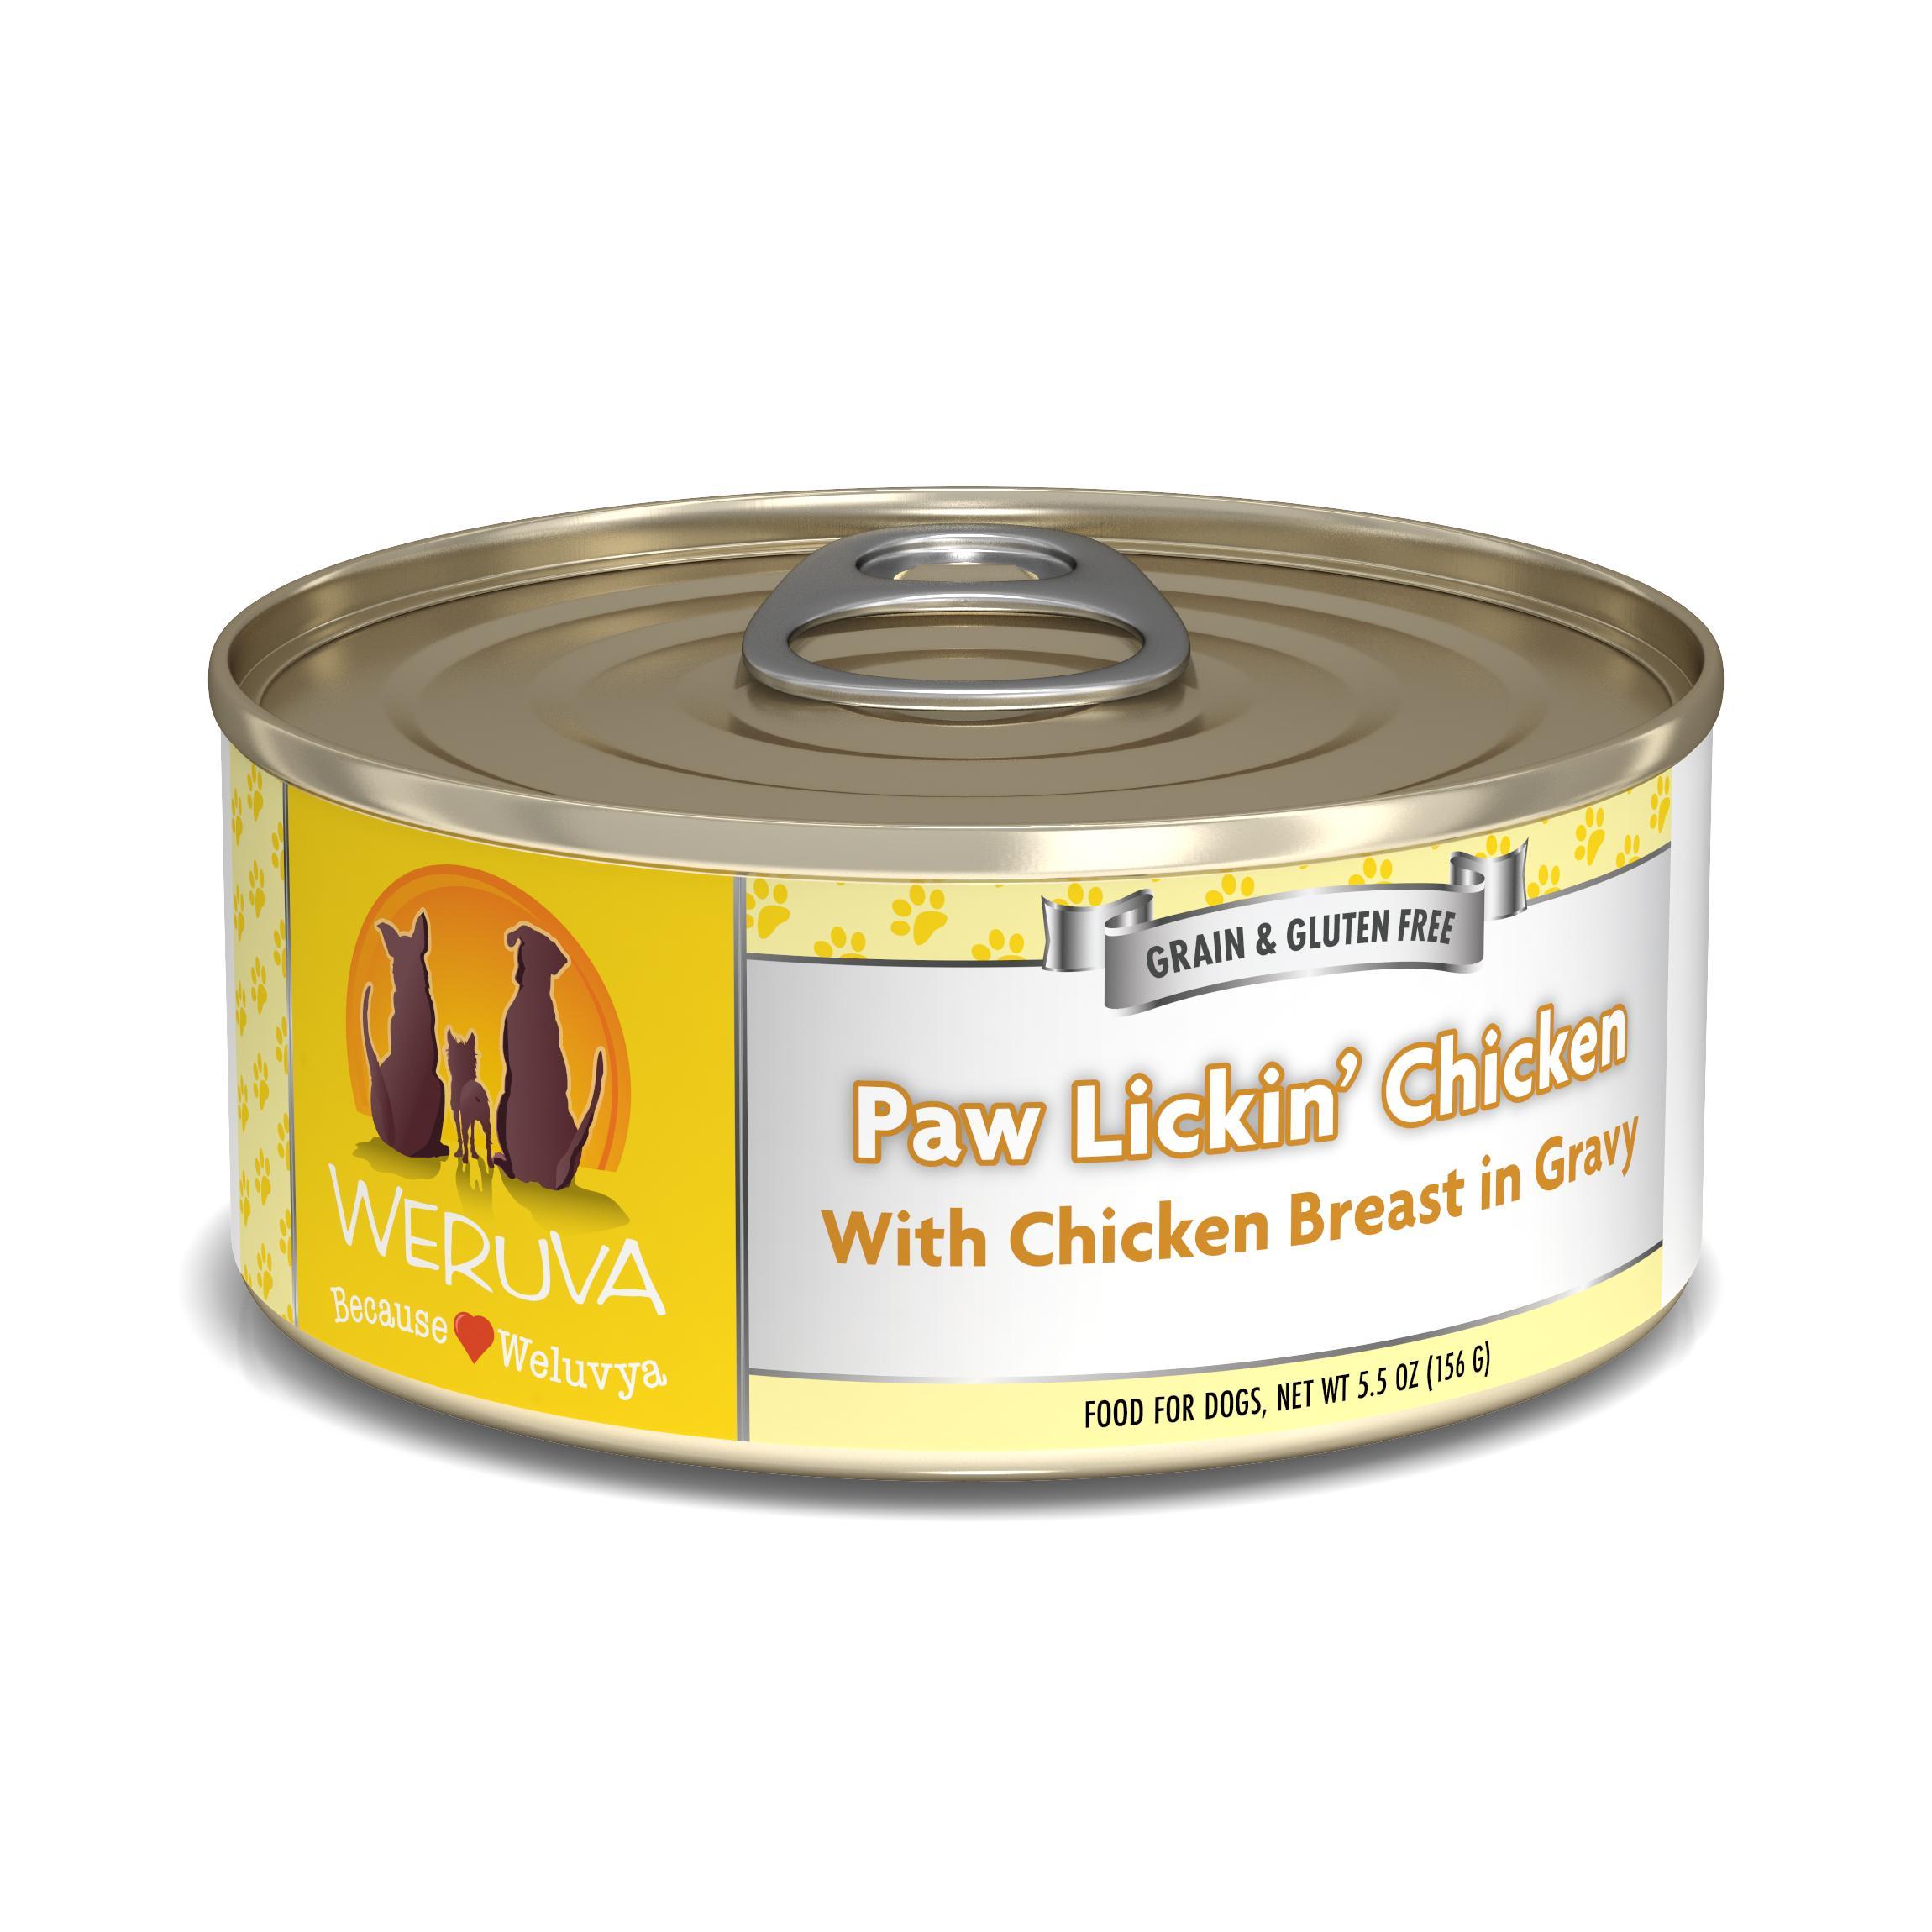 Weruva Dog Classic Paw Lickin' Chicken in Gravy Grain-Free Wet Dog Food Image